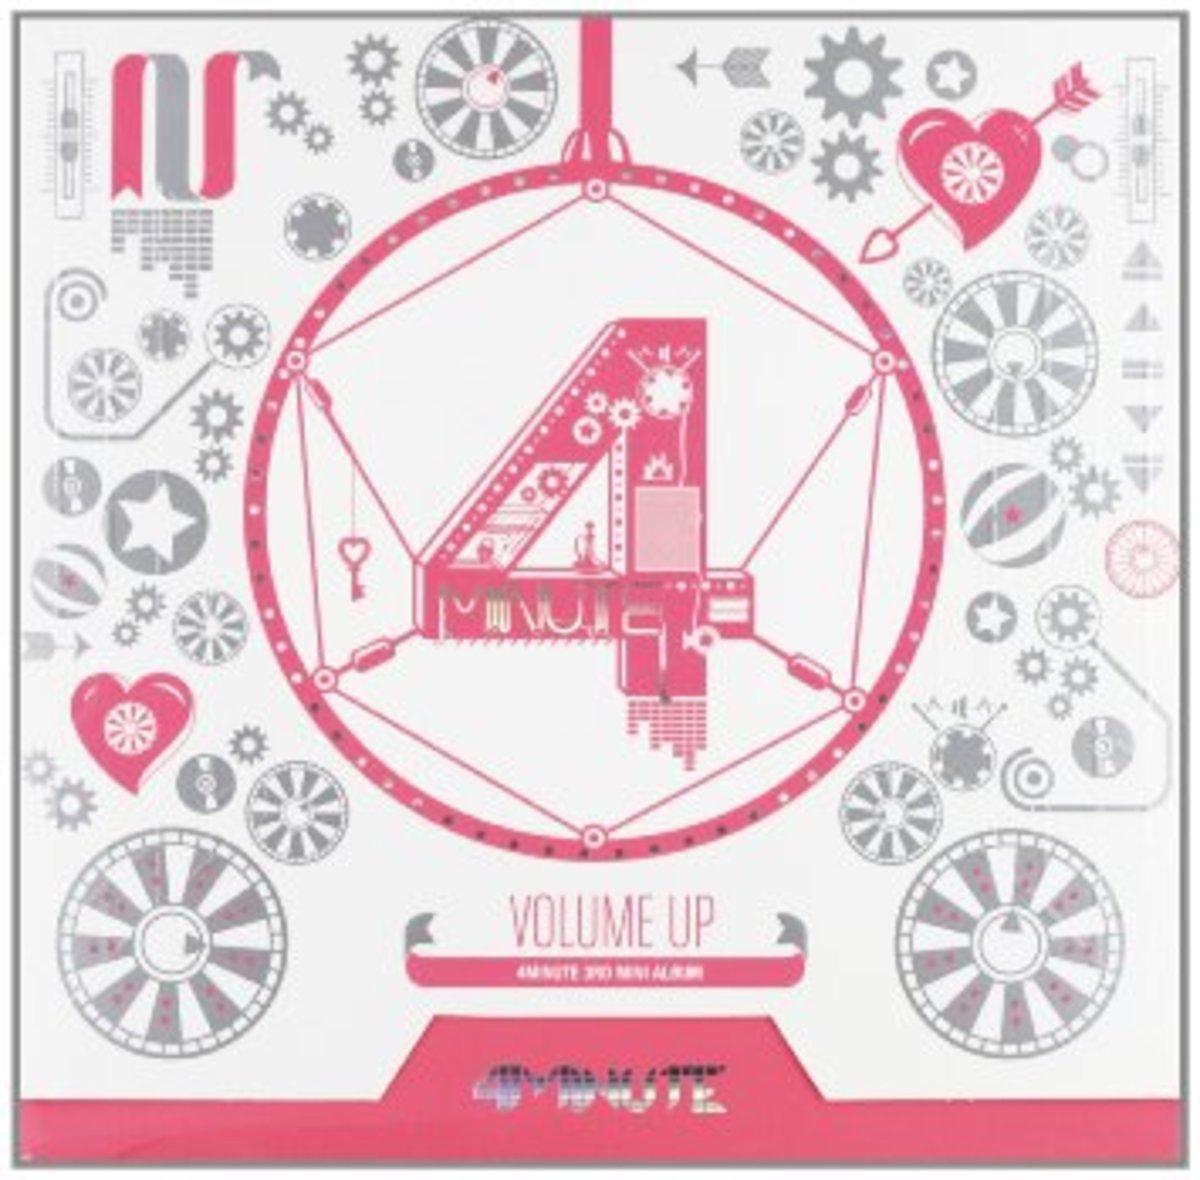 4Minute - Mini Album Vol.3 [Volume Up]_36091